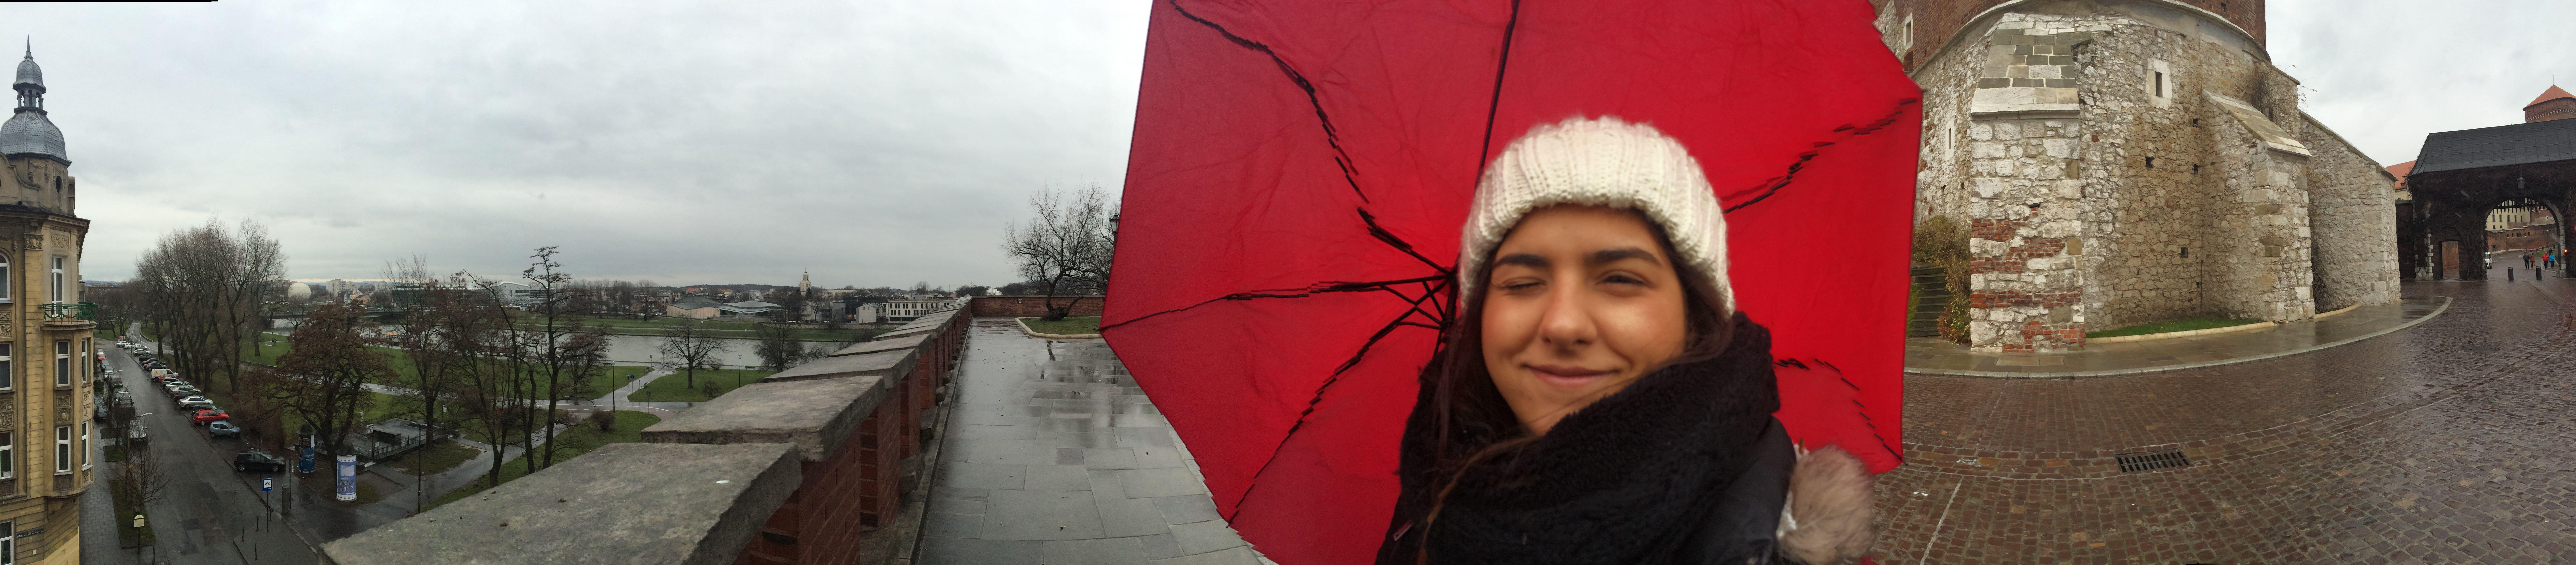 Peguei muito frio e chuva quando viajei a Cracóvia pela primeira vez. (Foto: Nathalia Tavolieri)